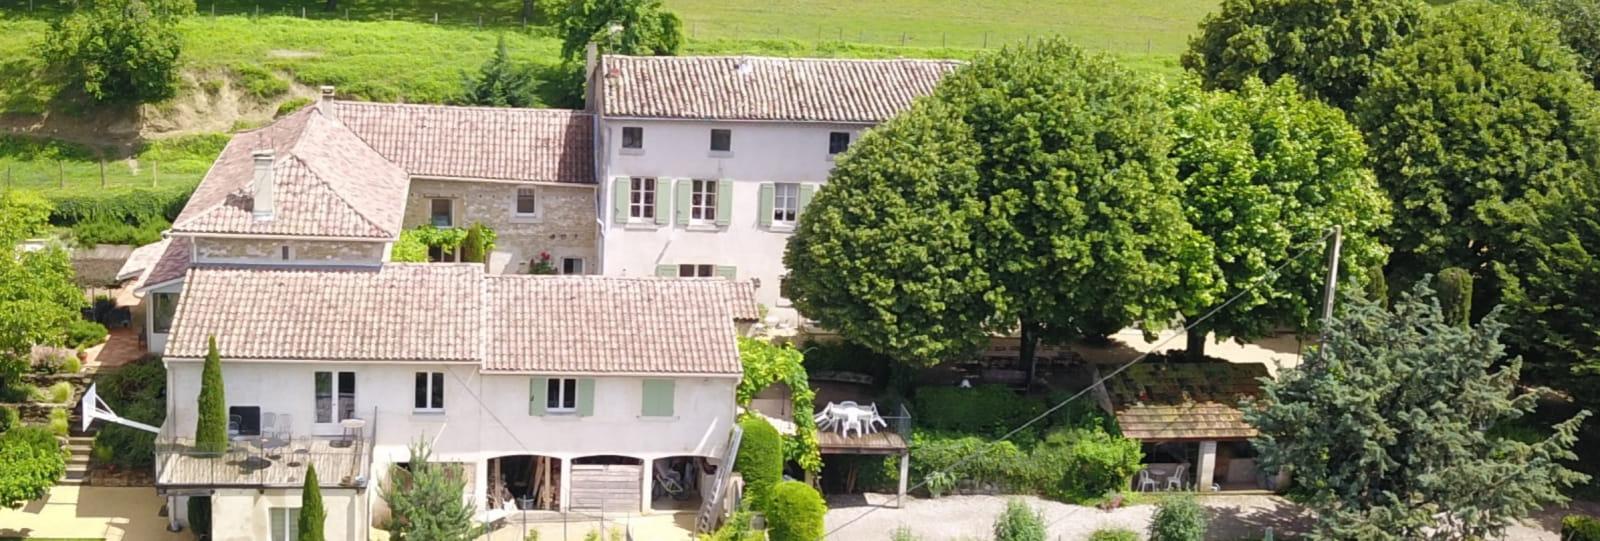 Domaine Les Tilleuls